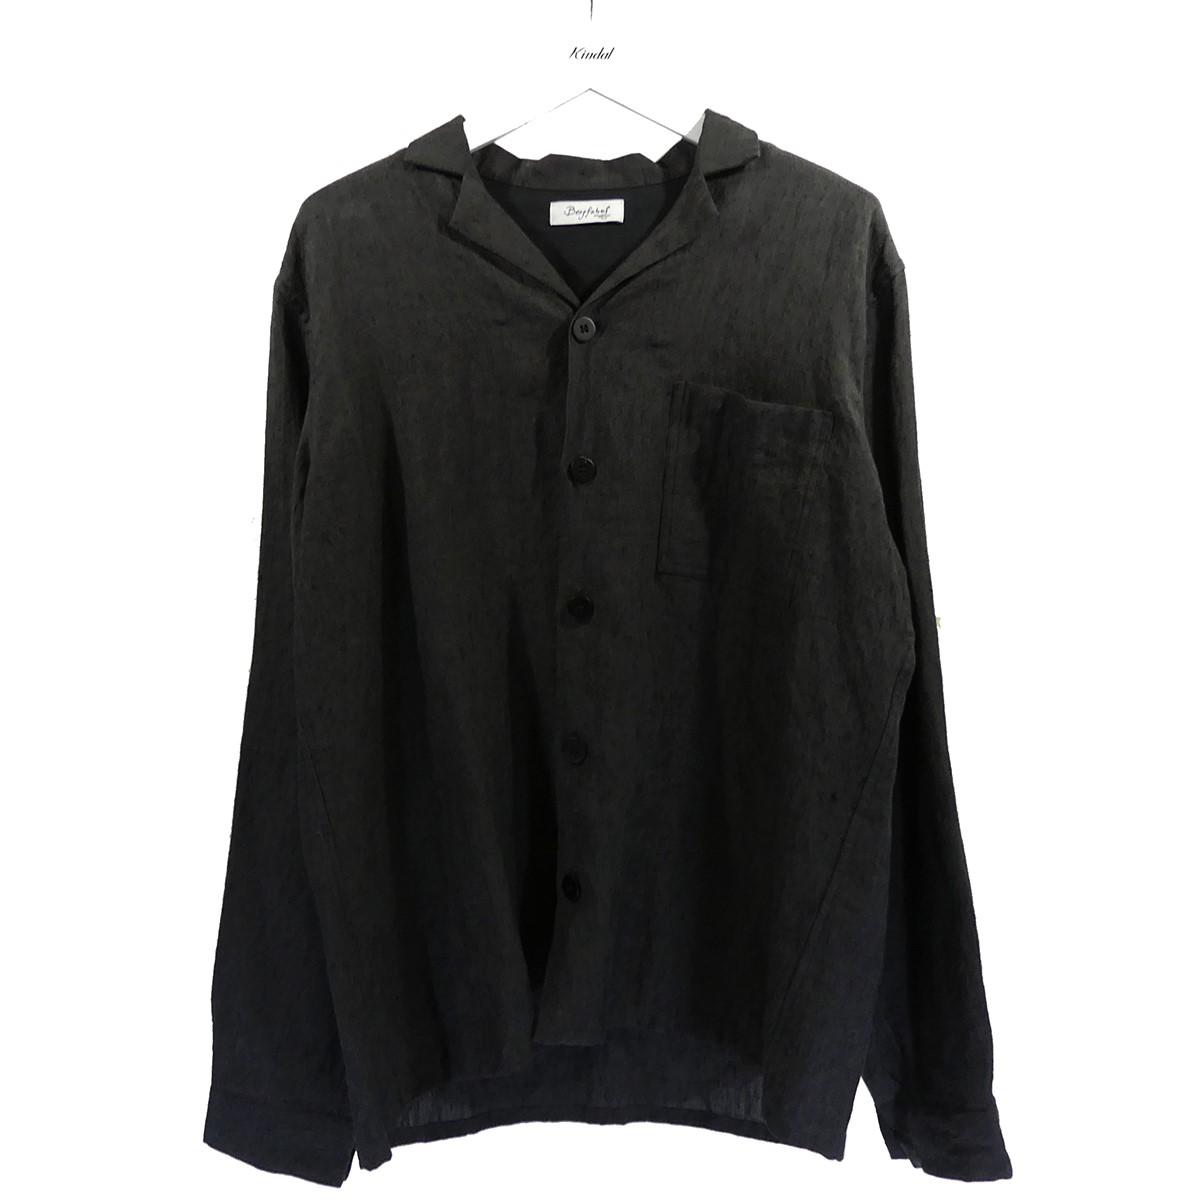 【中古】Bergfabel SHIRT WITH REVERSE シャツジャケット チャコールグレー サイズ:48 【270620】(バーグファベル)